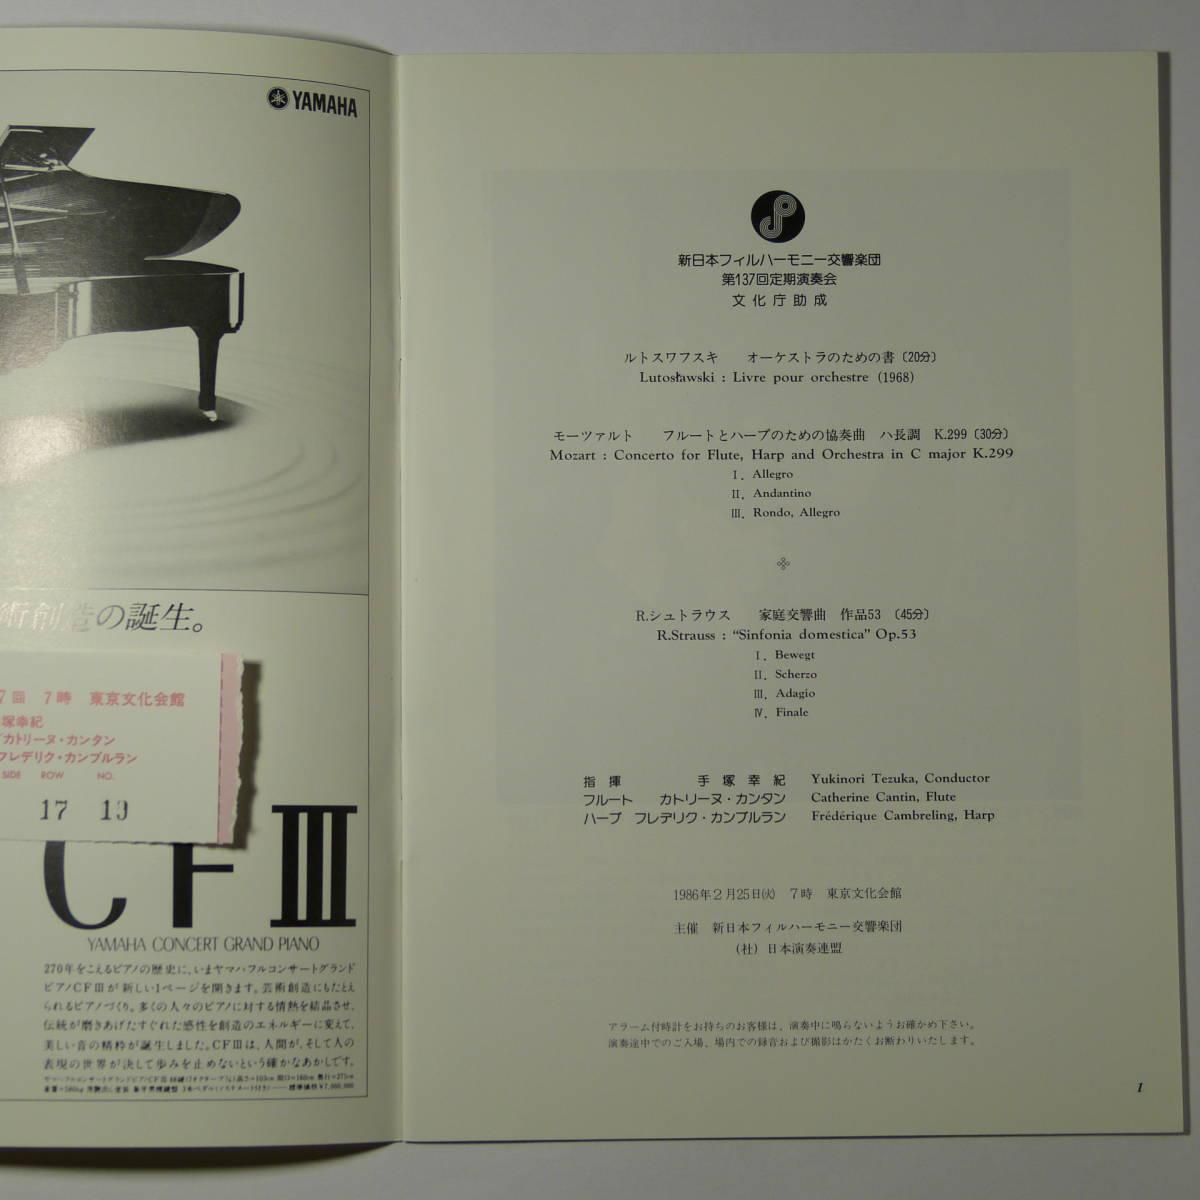 プログラム 新日本フィルハーモニー交響楽団第137回定期演奏会 1986年2月25日 手塚幸紀指揮ルトスワフスキ、R.シュトラウス_画像2